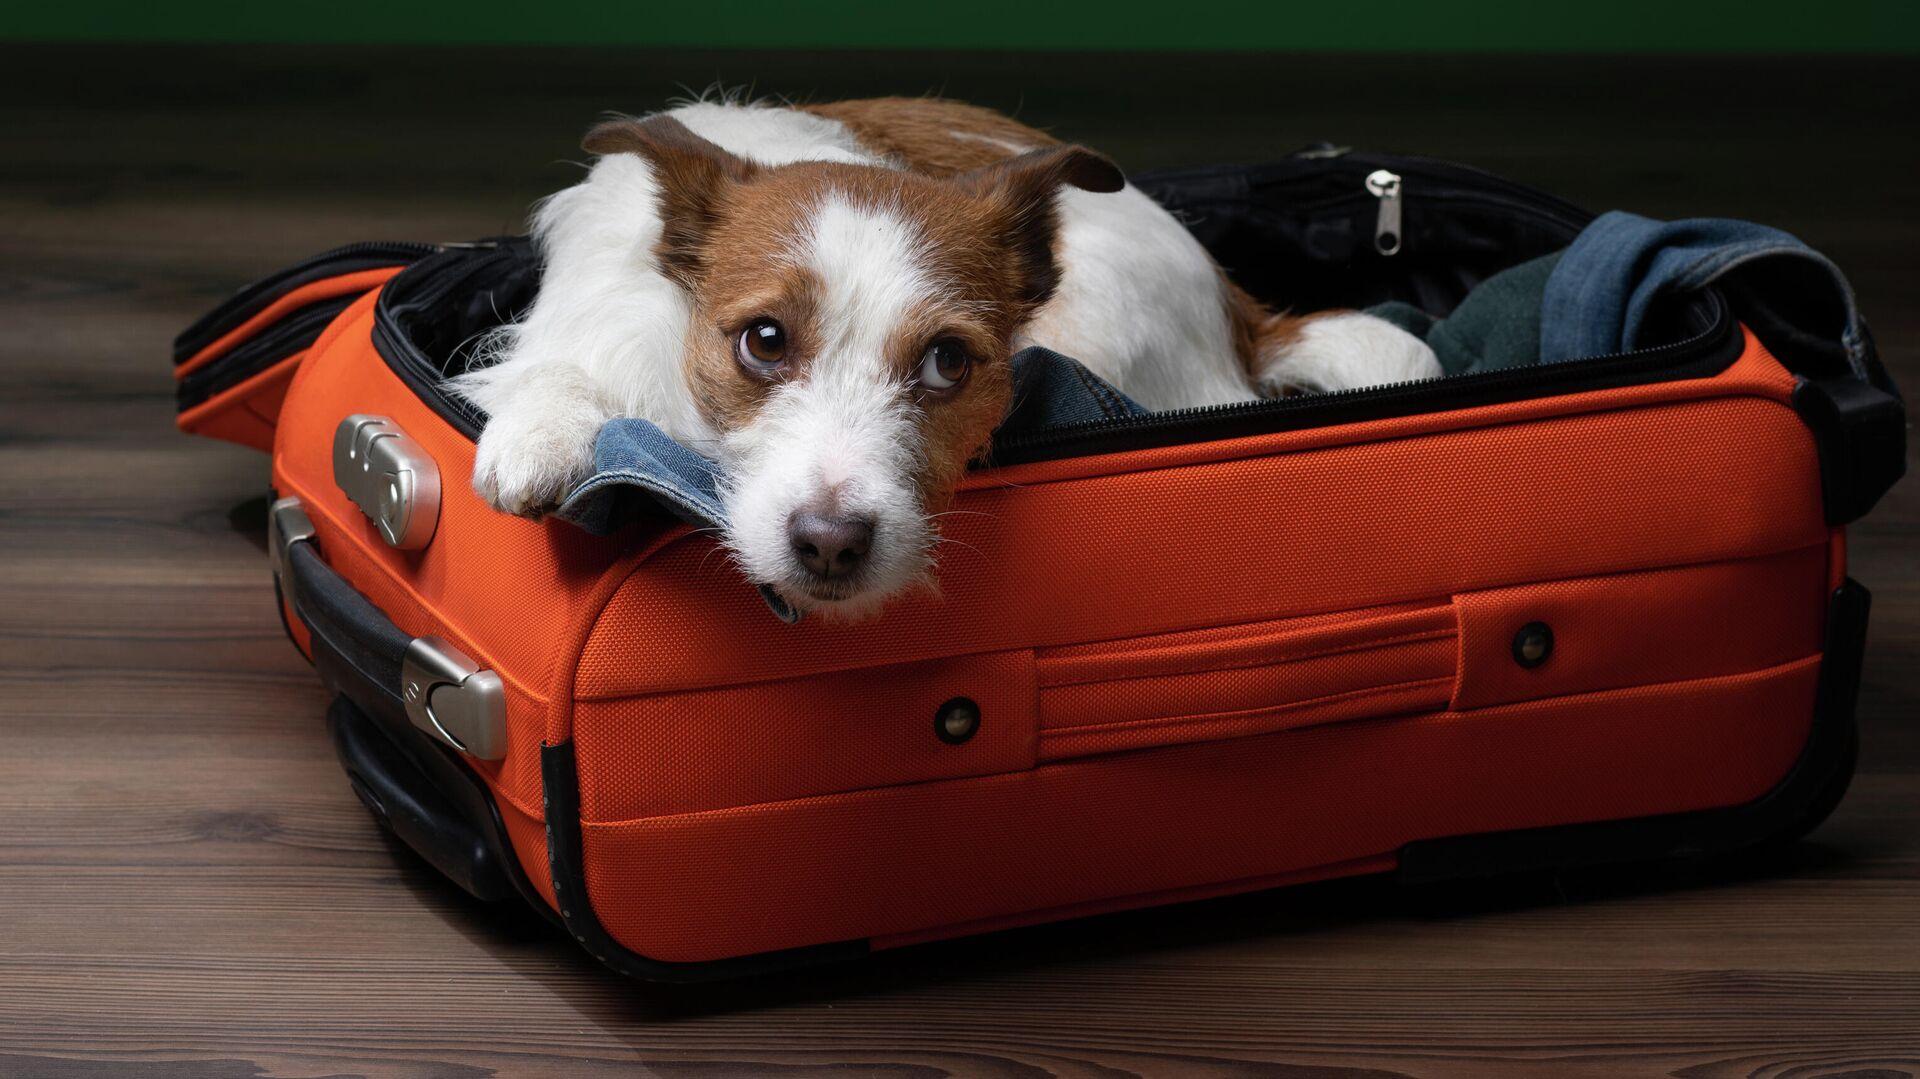 Собака породы джек-рассел терьер в чемодане - РИА Новости, 1920, 17.05.2021